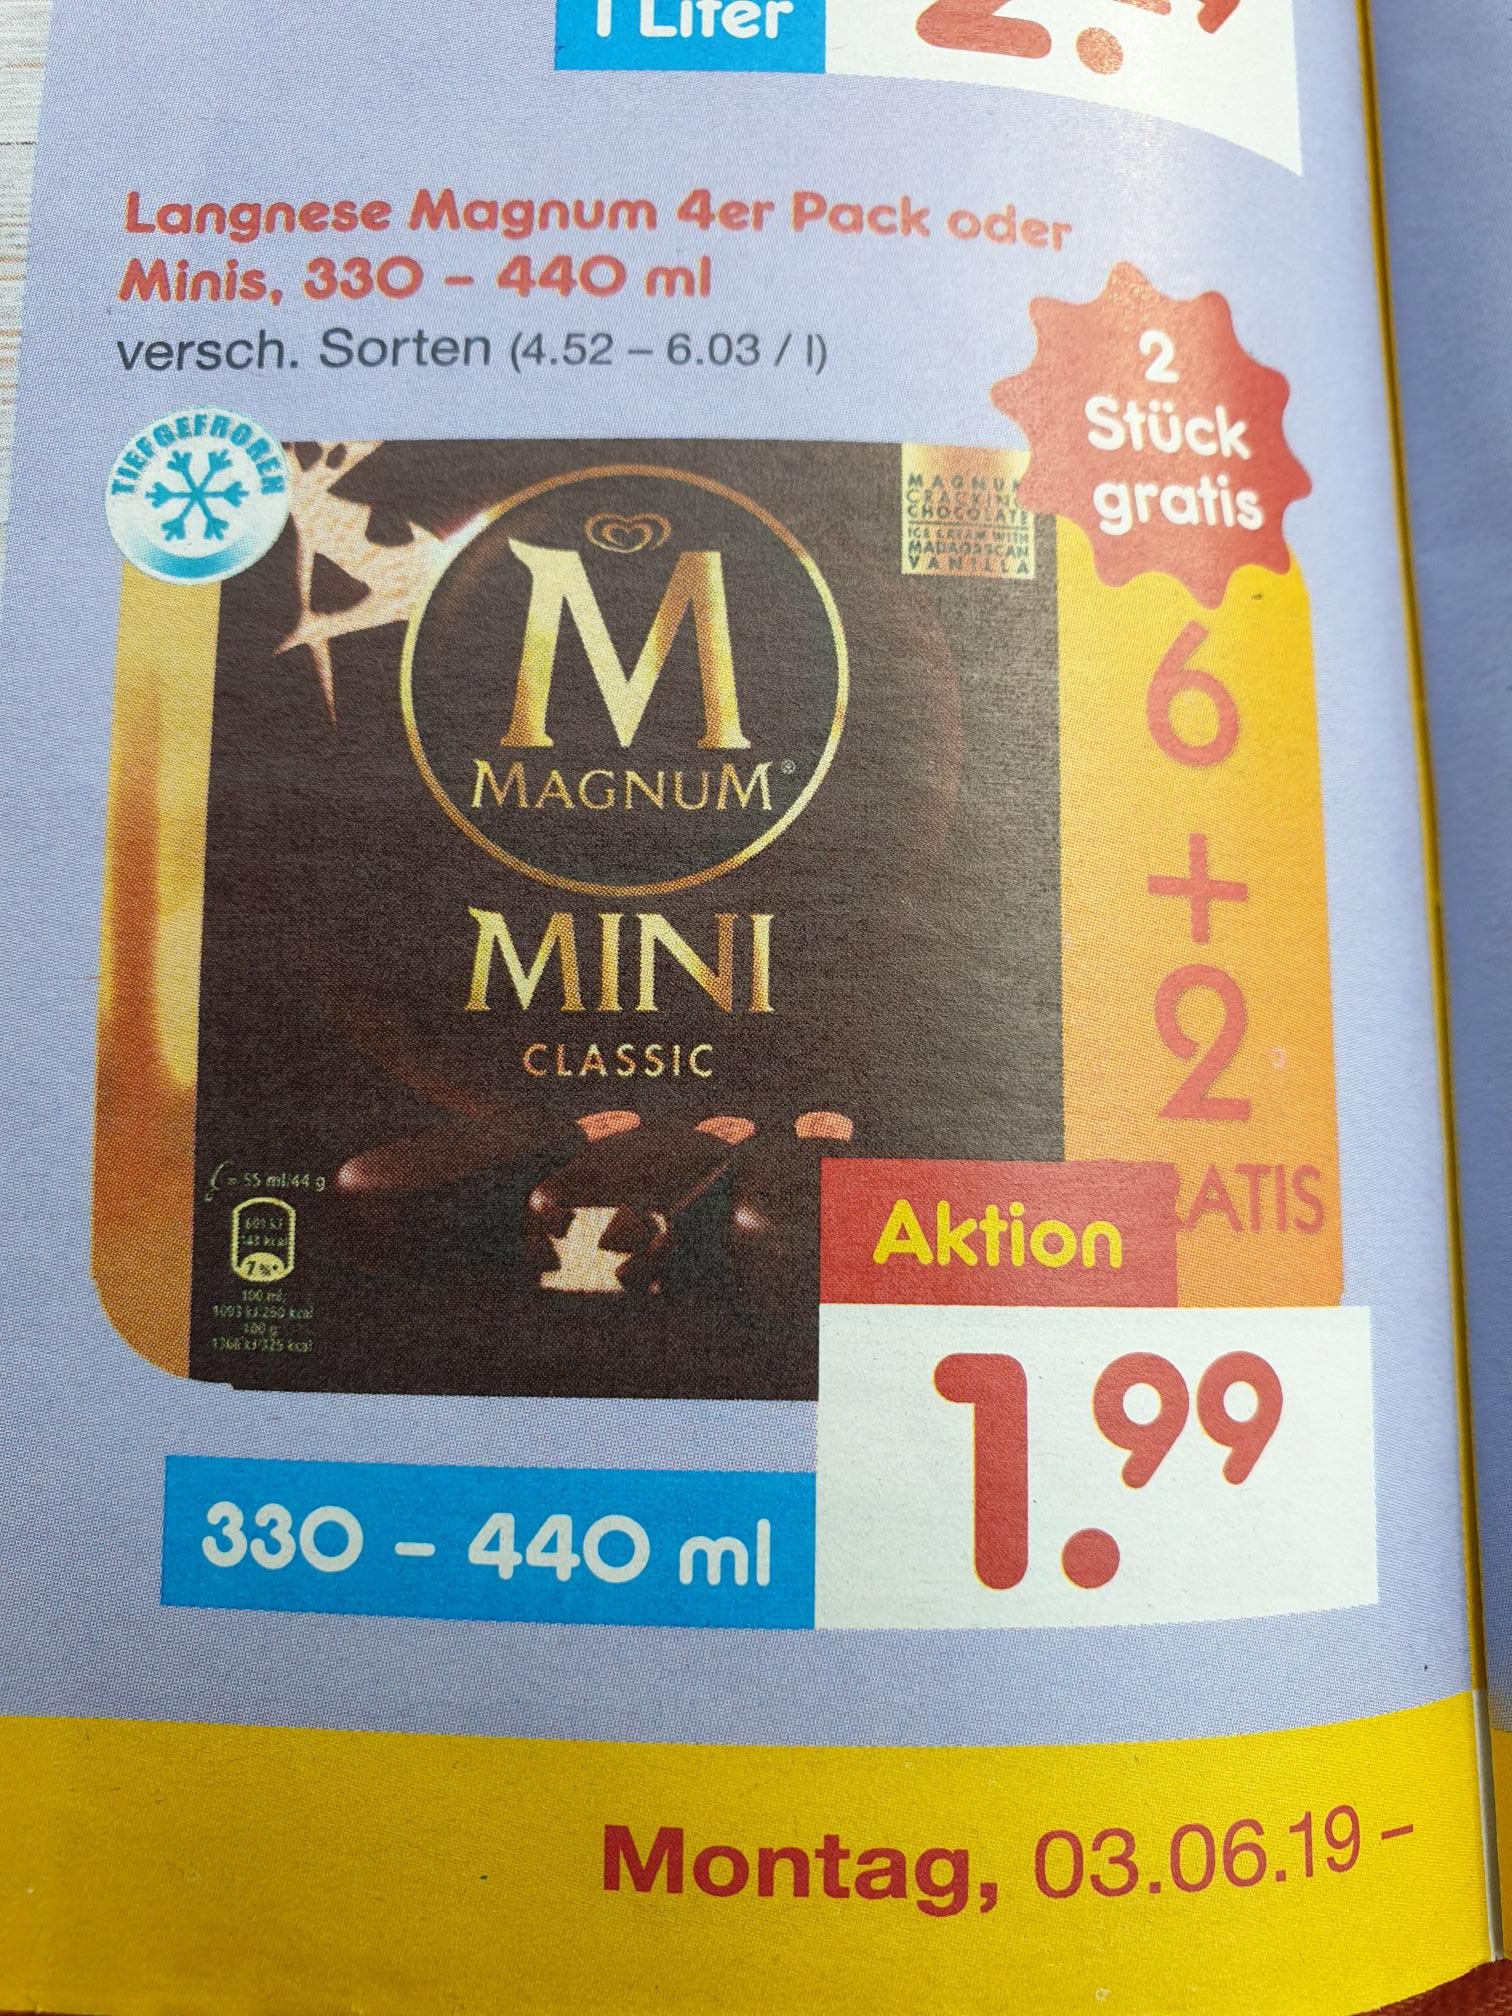 Magnum 4er Pack oder Minis + 2 Gratis 1,99€ und Landliebe Doppelpack 3,33€ bei Netto und teilweise nochmal -15% mit Coupons